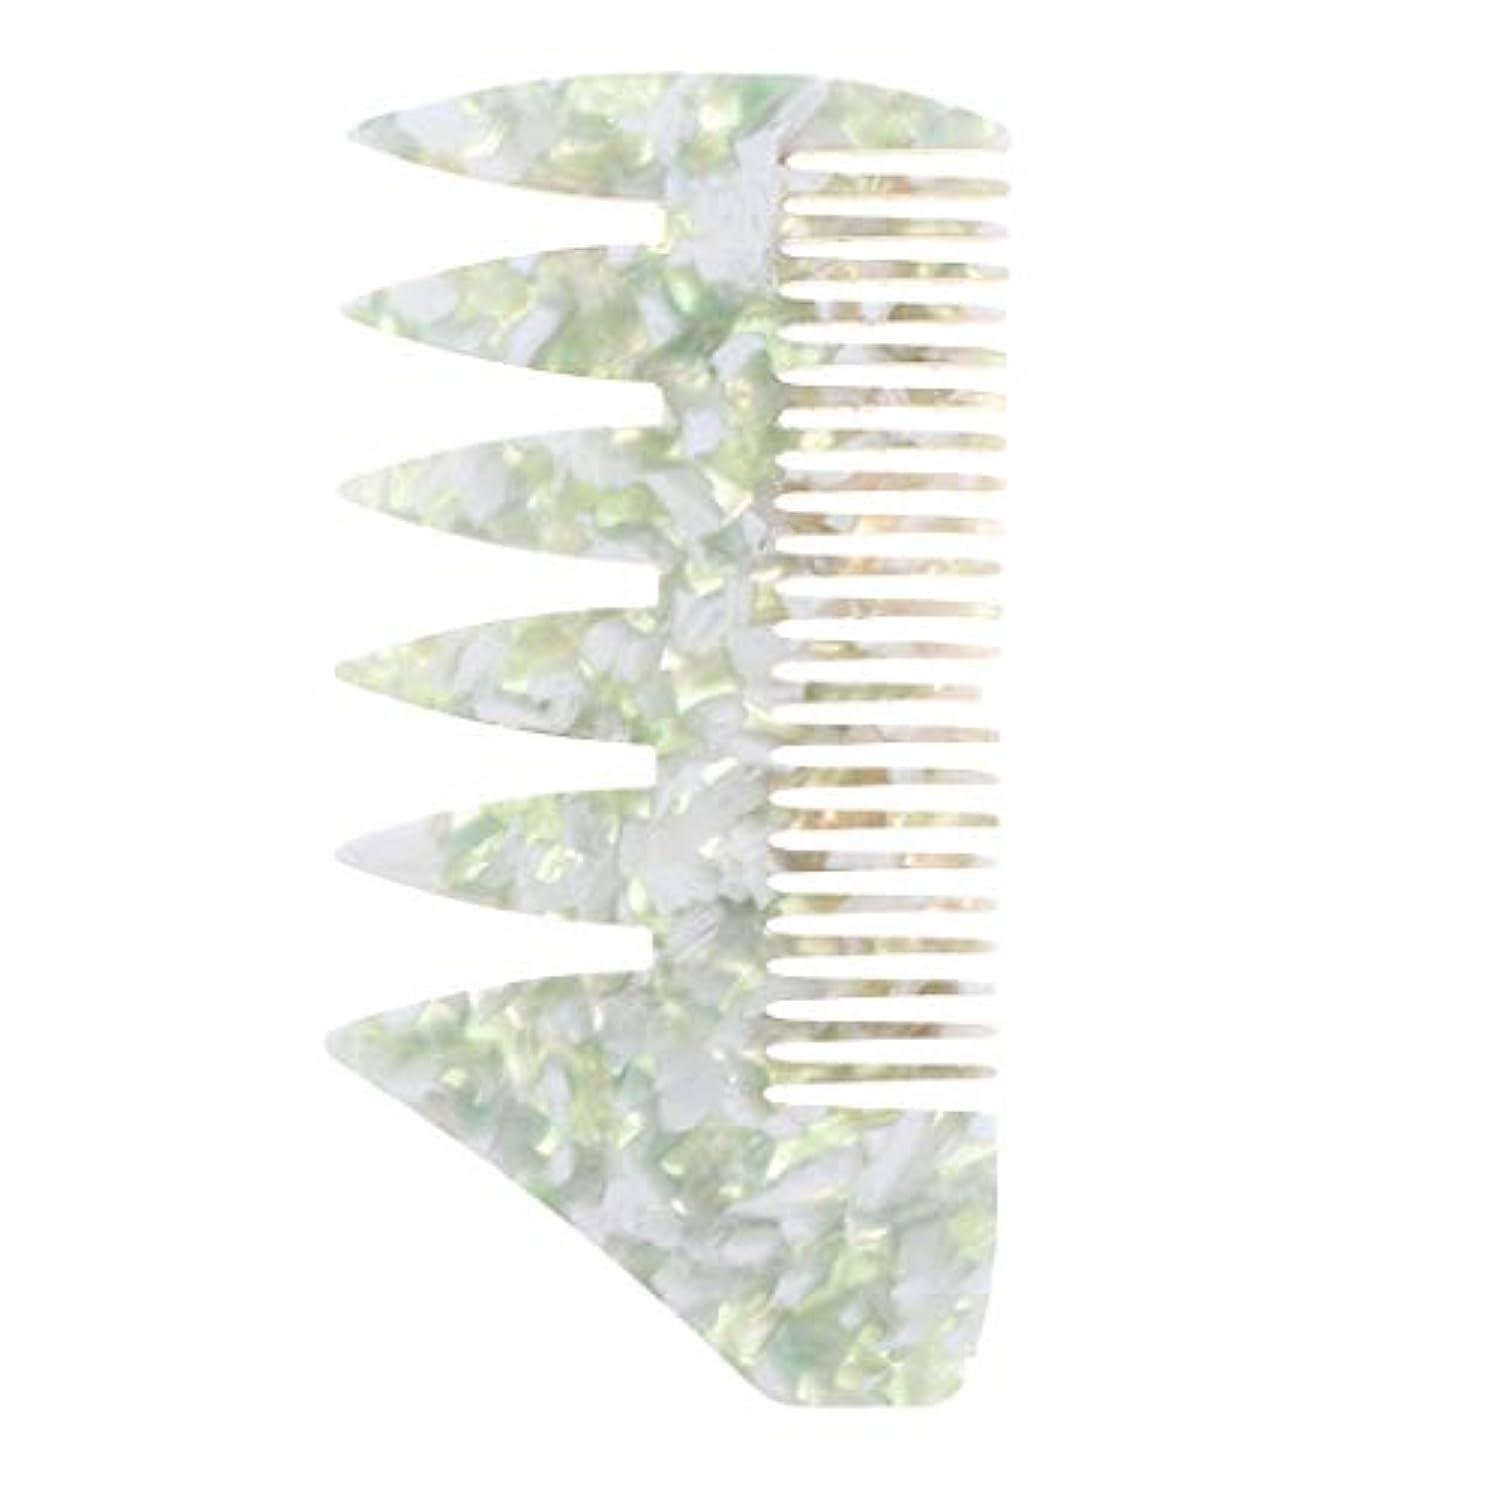 靴コンペデータベースCUTICATE 男性 ヘアピックコーム サロン 広い歯 ヘアスタイリングコーム 全4色 - 緑